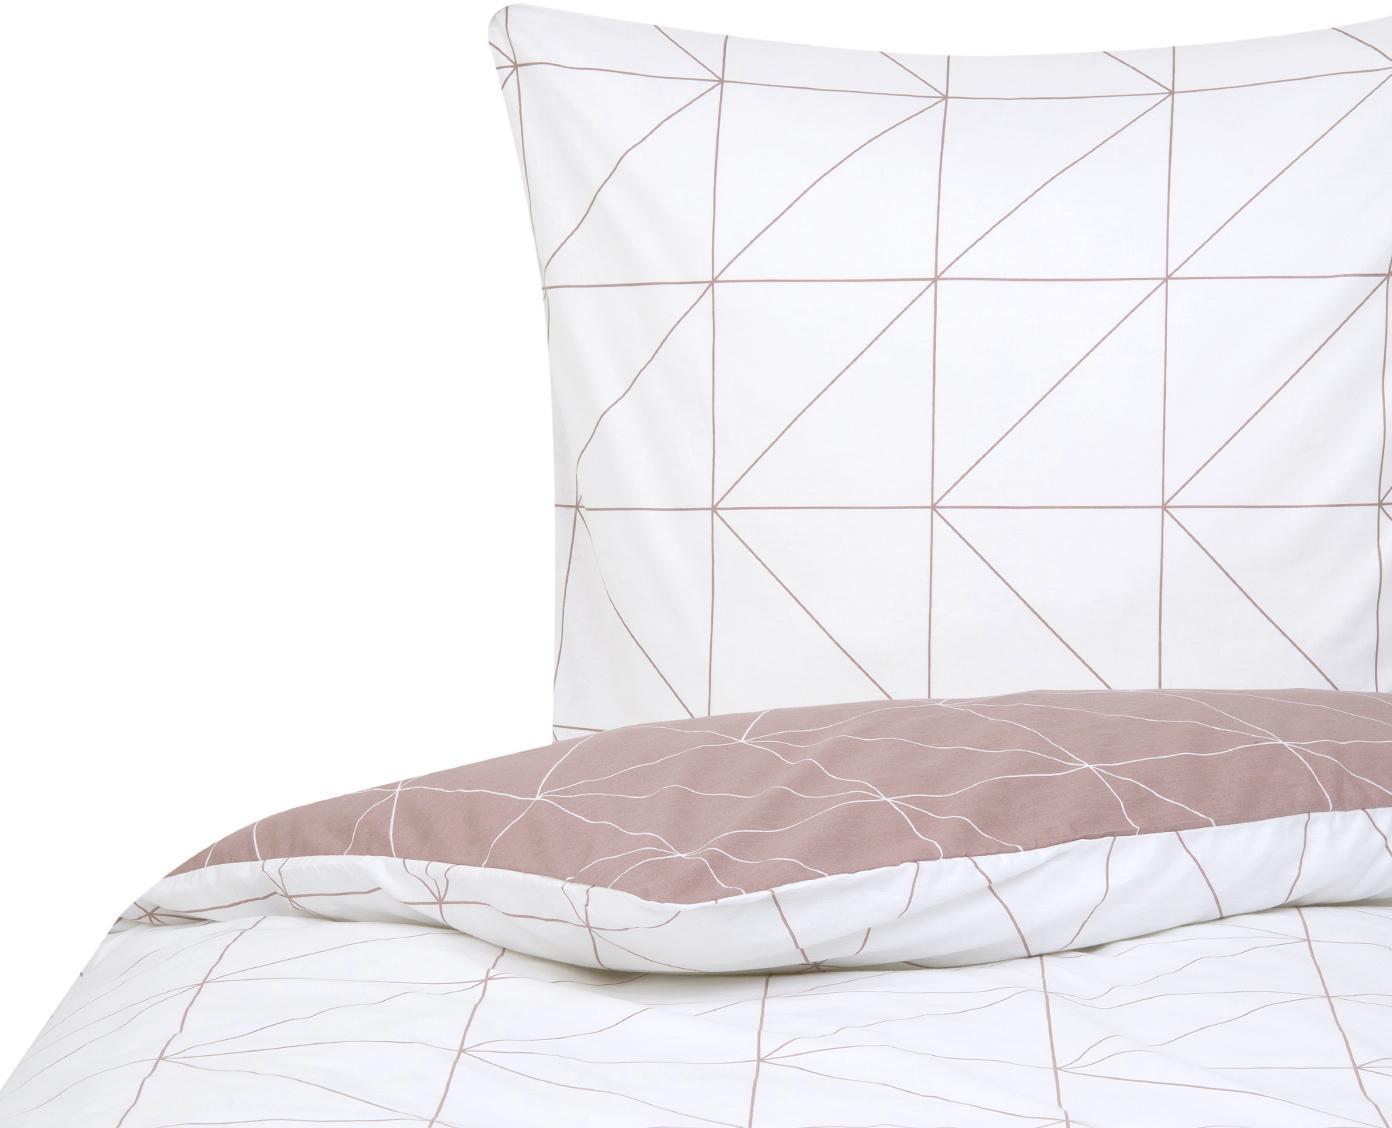 Baumwoll-Wendebettwäsche Marla mit grafischem Muster, Webart: Renforcé Fadendichte 144 , Mauve, Weiss, 135 x 200 cm + 1 Kissen 80 x 80 cm